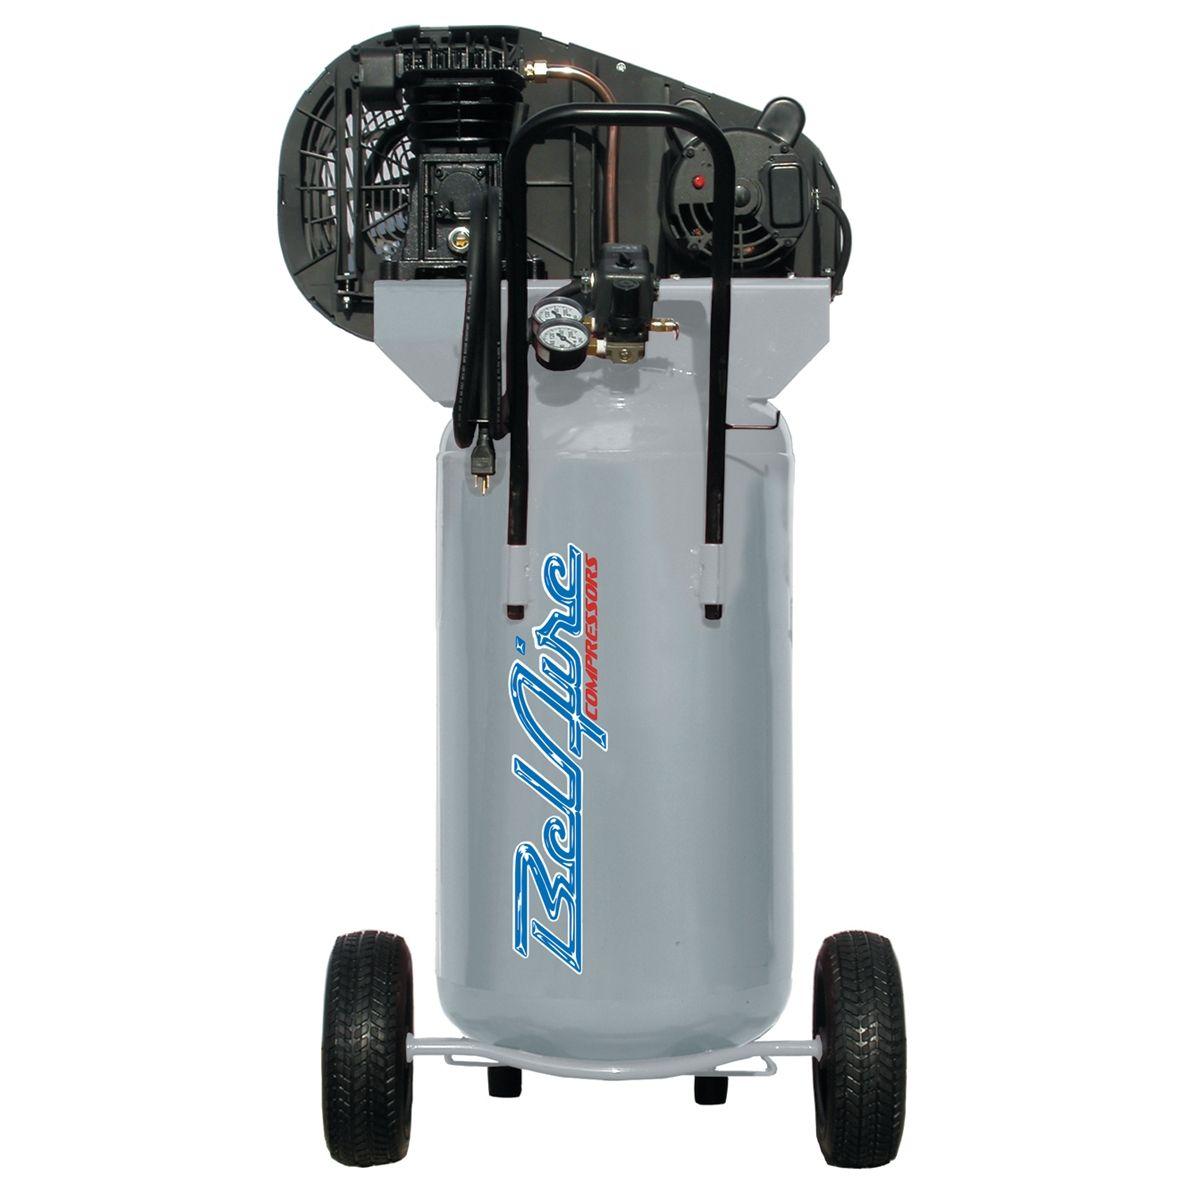 American Imc 5026vp 115 Volt Portable Vertical Compressor